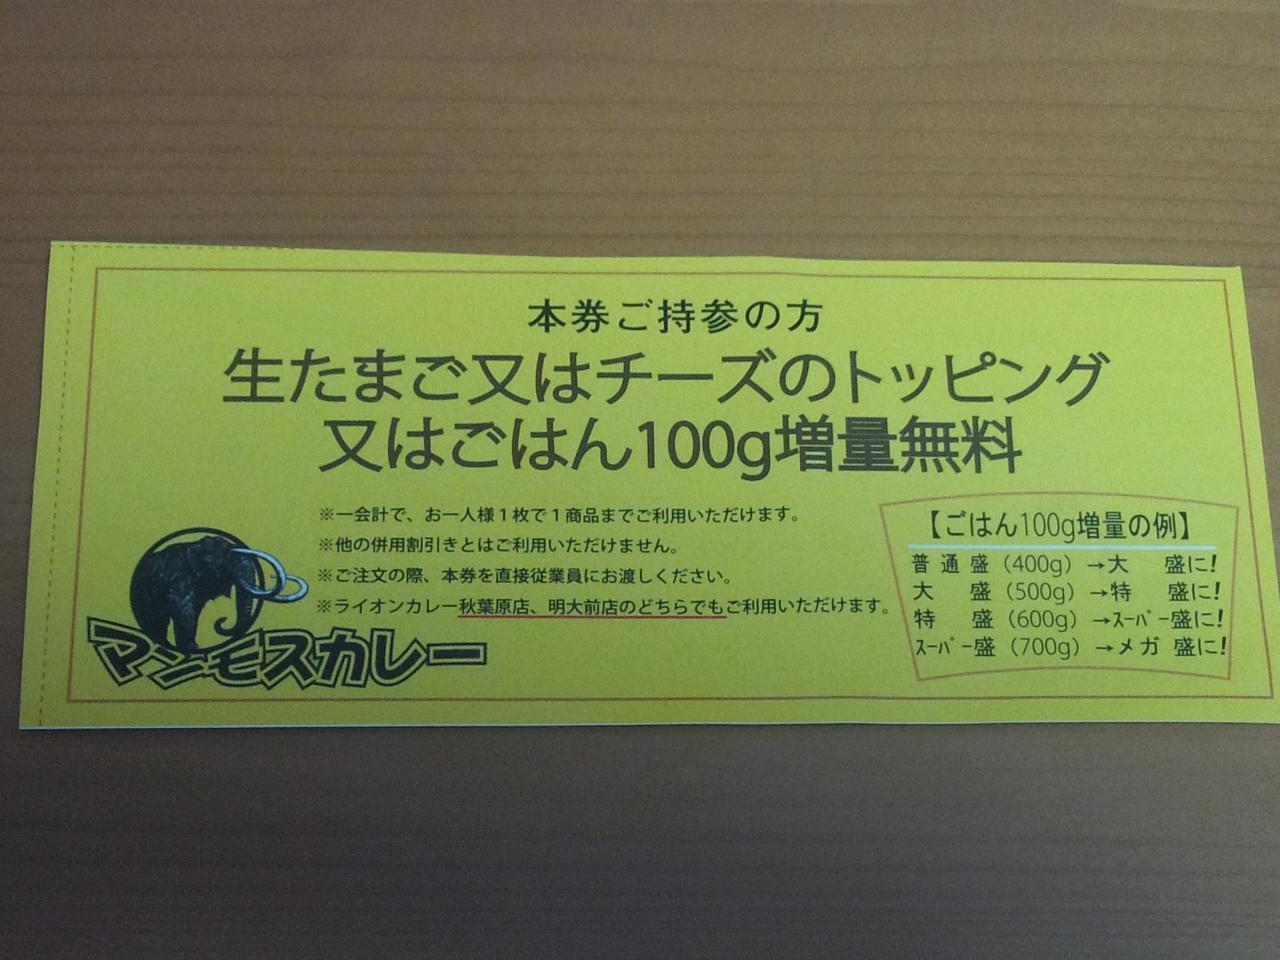 マンモスカレー秋葉原本店(クーポン)